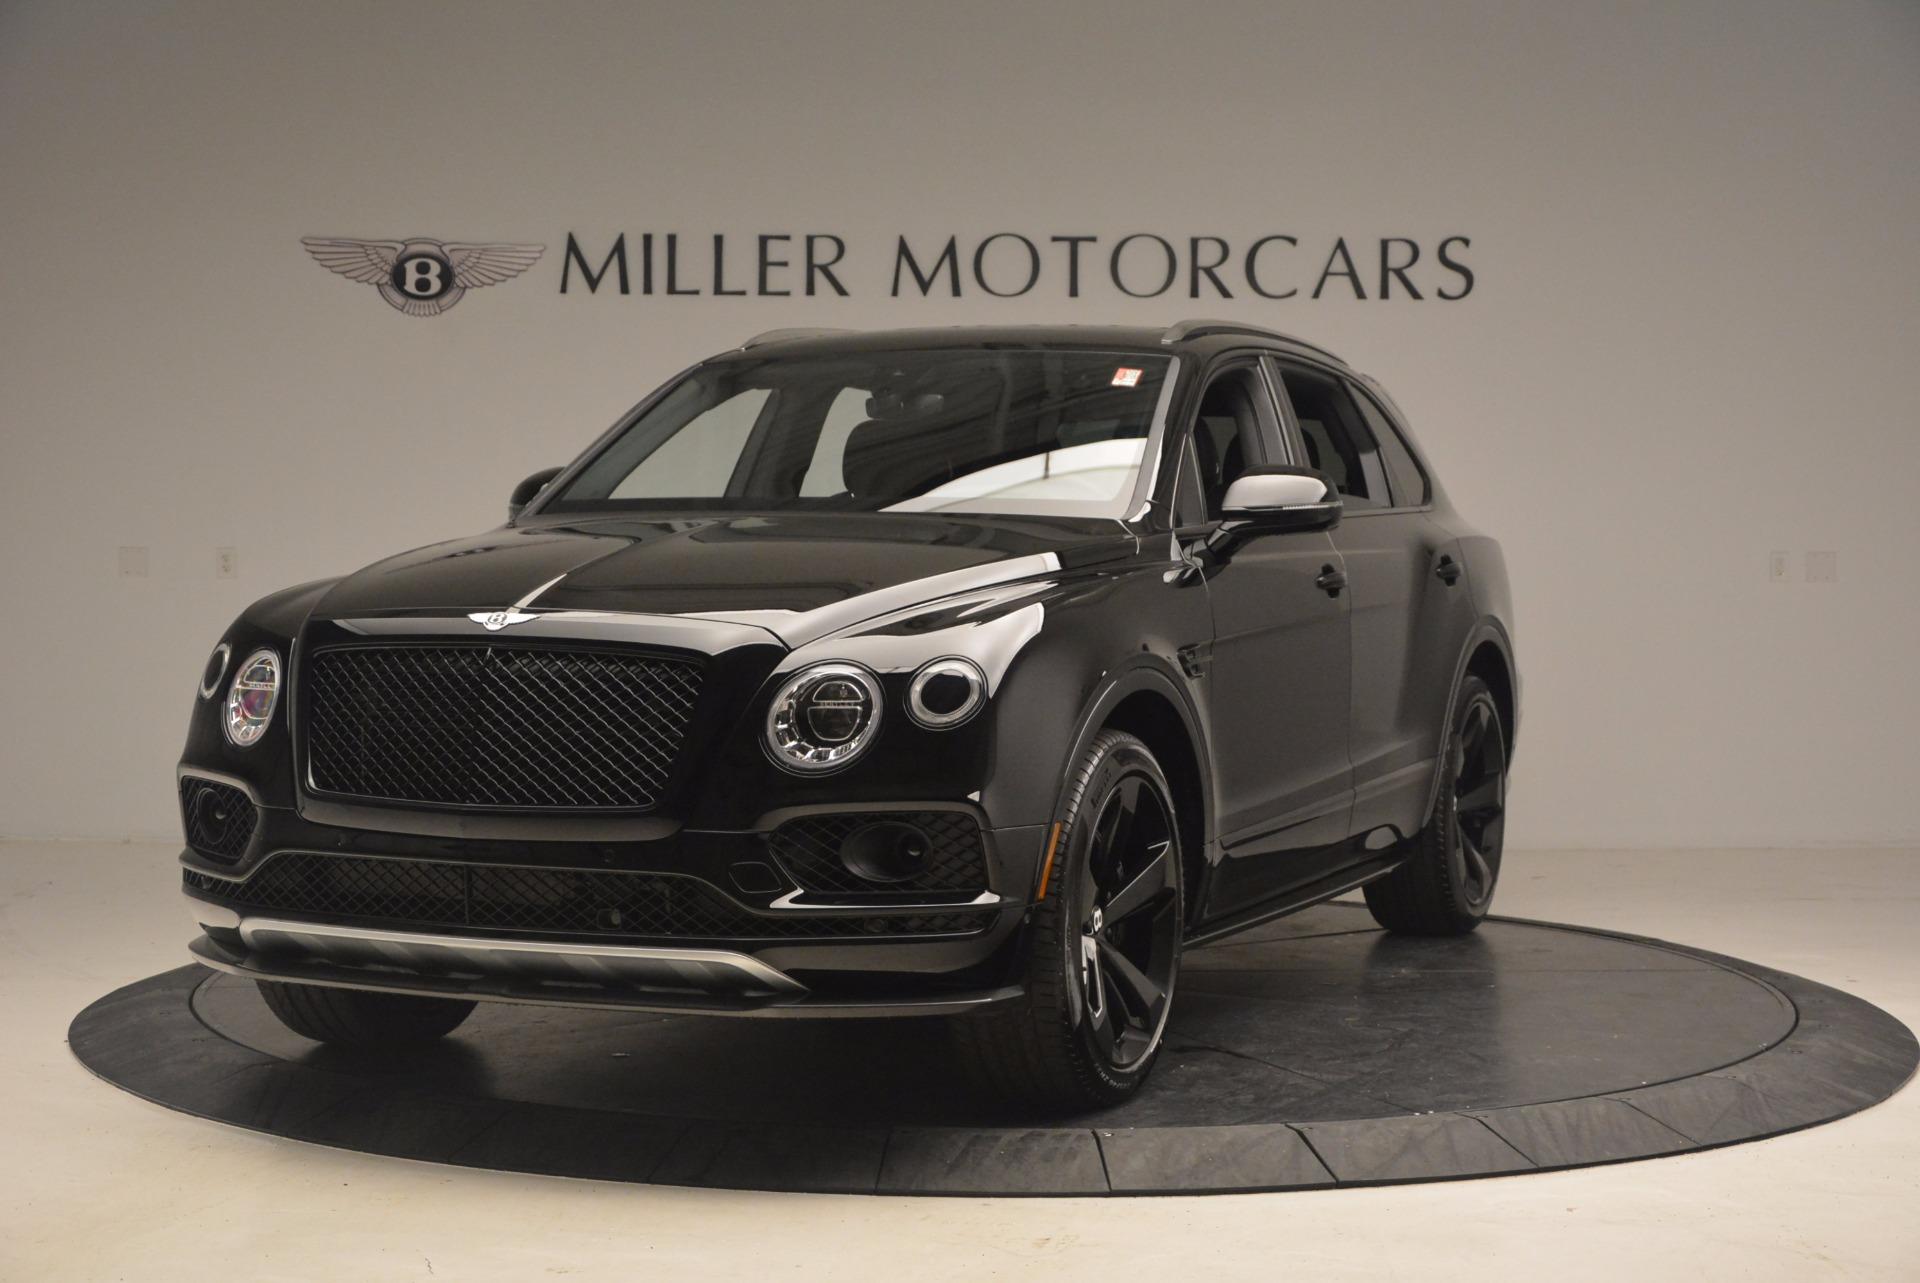 New 2018 Bentley Bentayga Black Edition For Sale In Westport, CT 1287_main